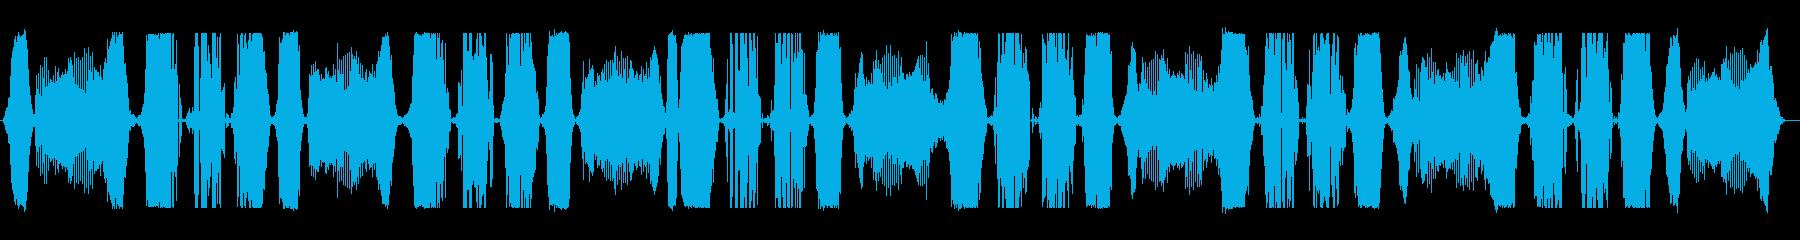 通信歪みアクティブアラームの再生済みの波形